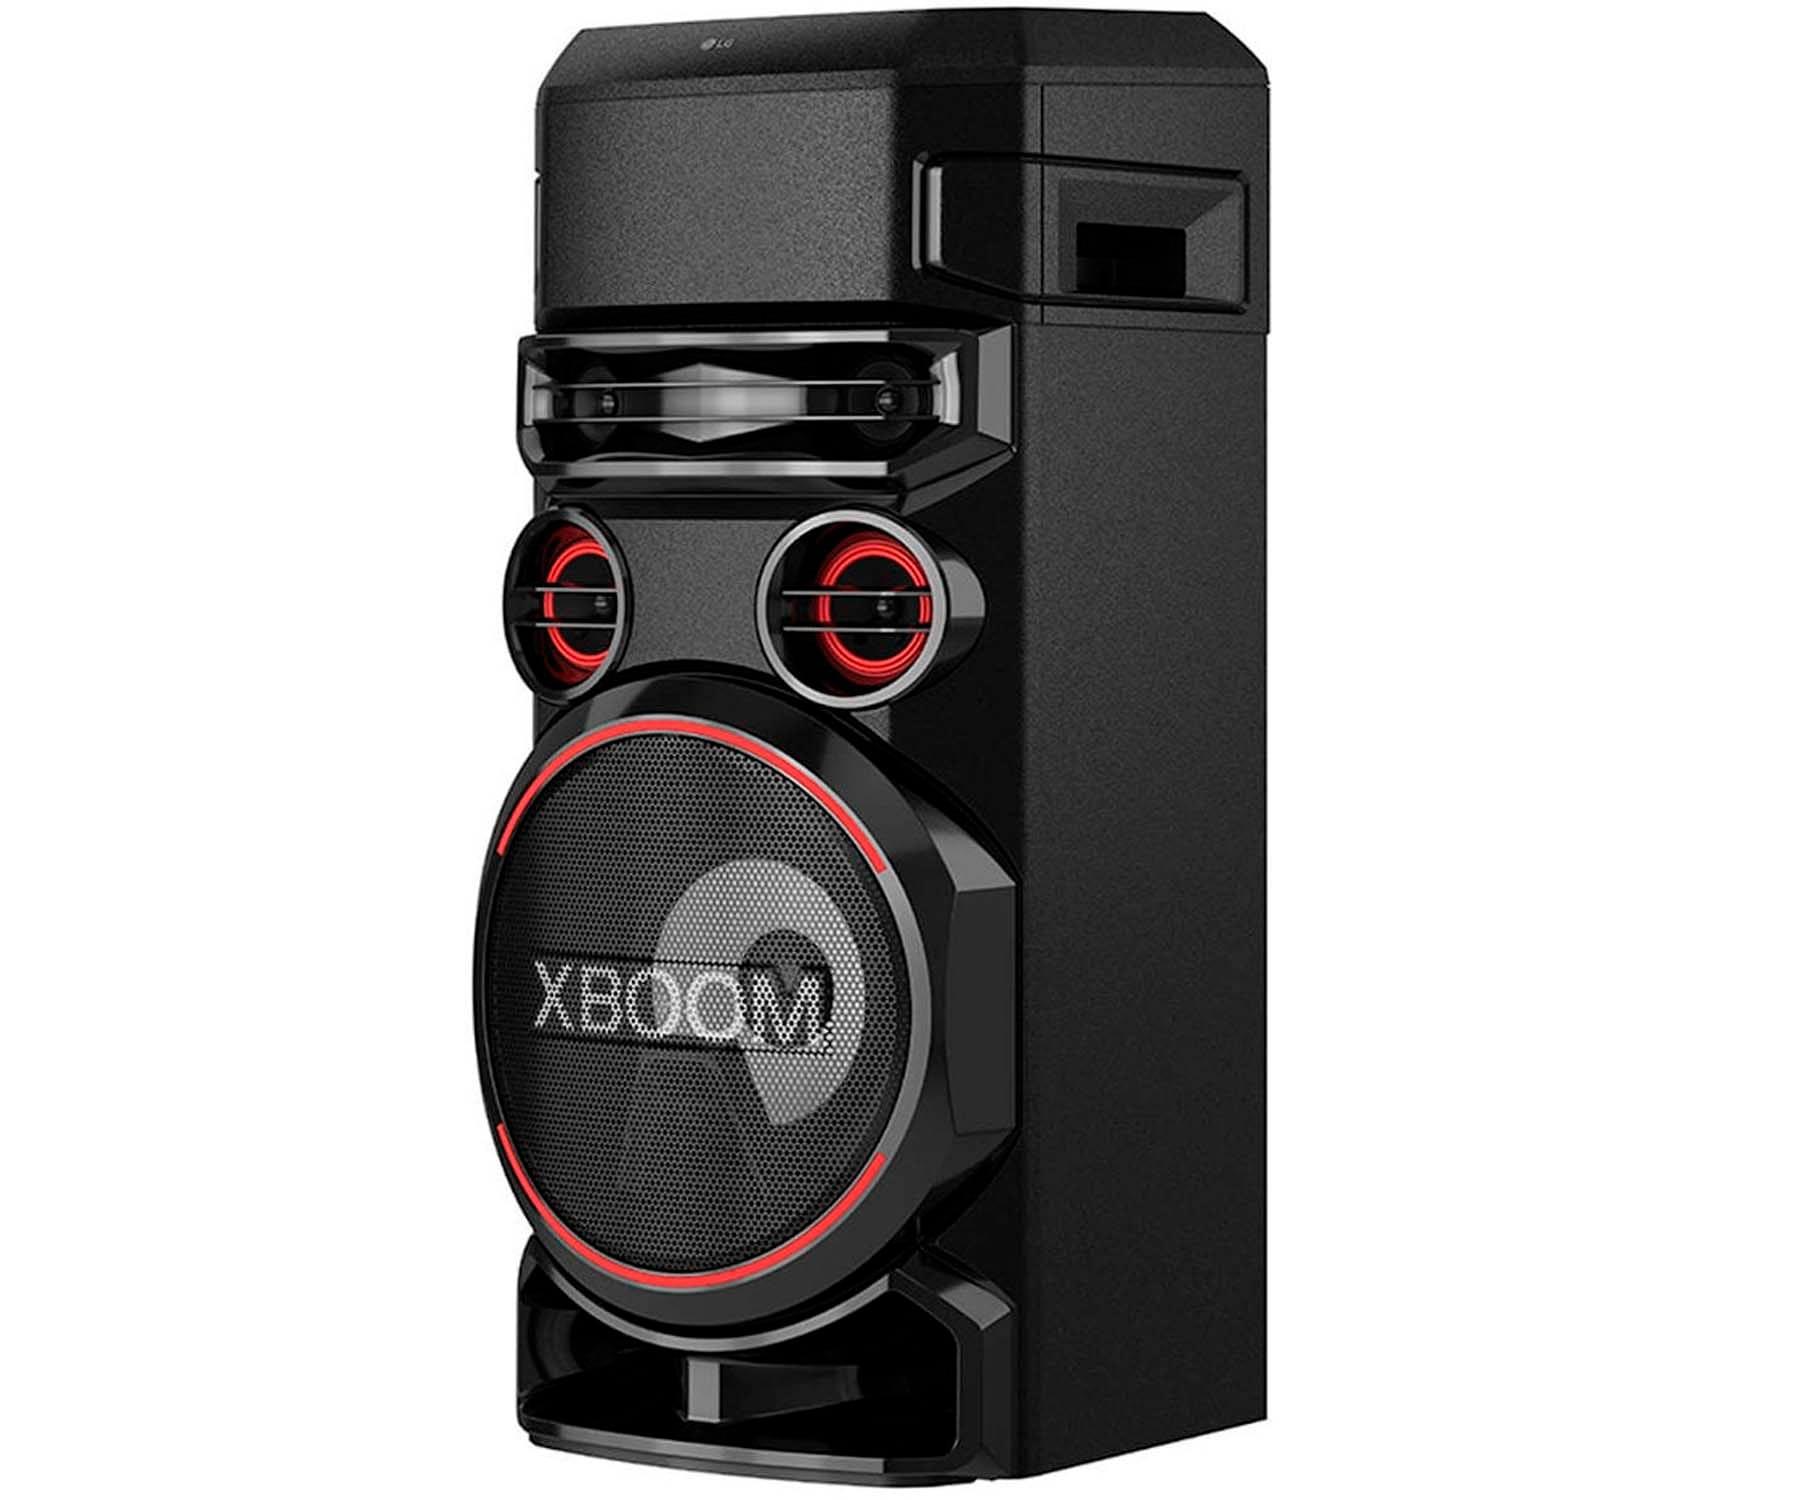 LG XBOOM RN7 SISTEMA DE AUDIO DE ALTO VOLTAJE 1000W BLUETOOTH USB FUNCIONES DJ Y KARAOKE ILUMINACIÓN LED